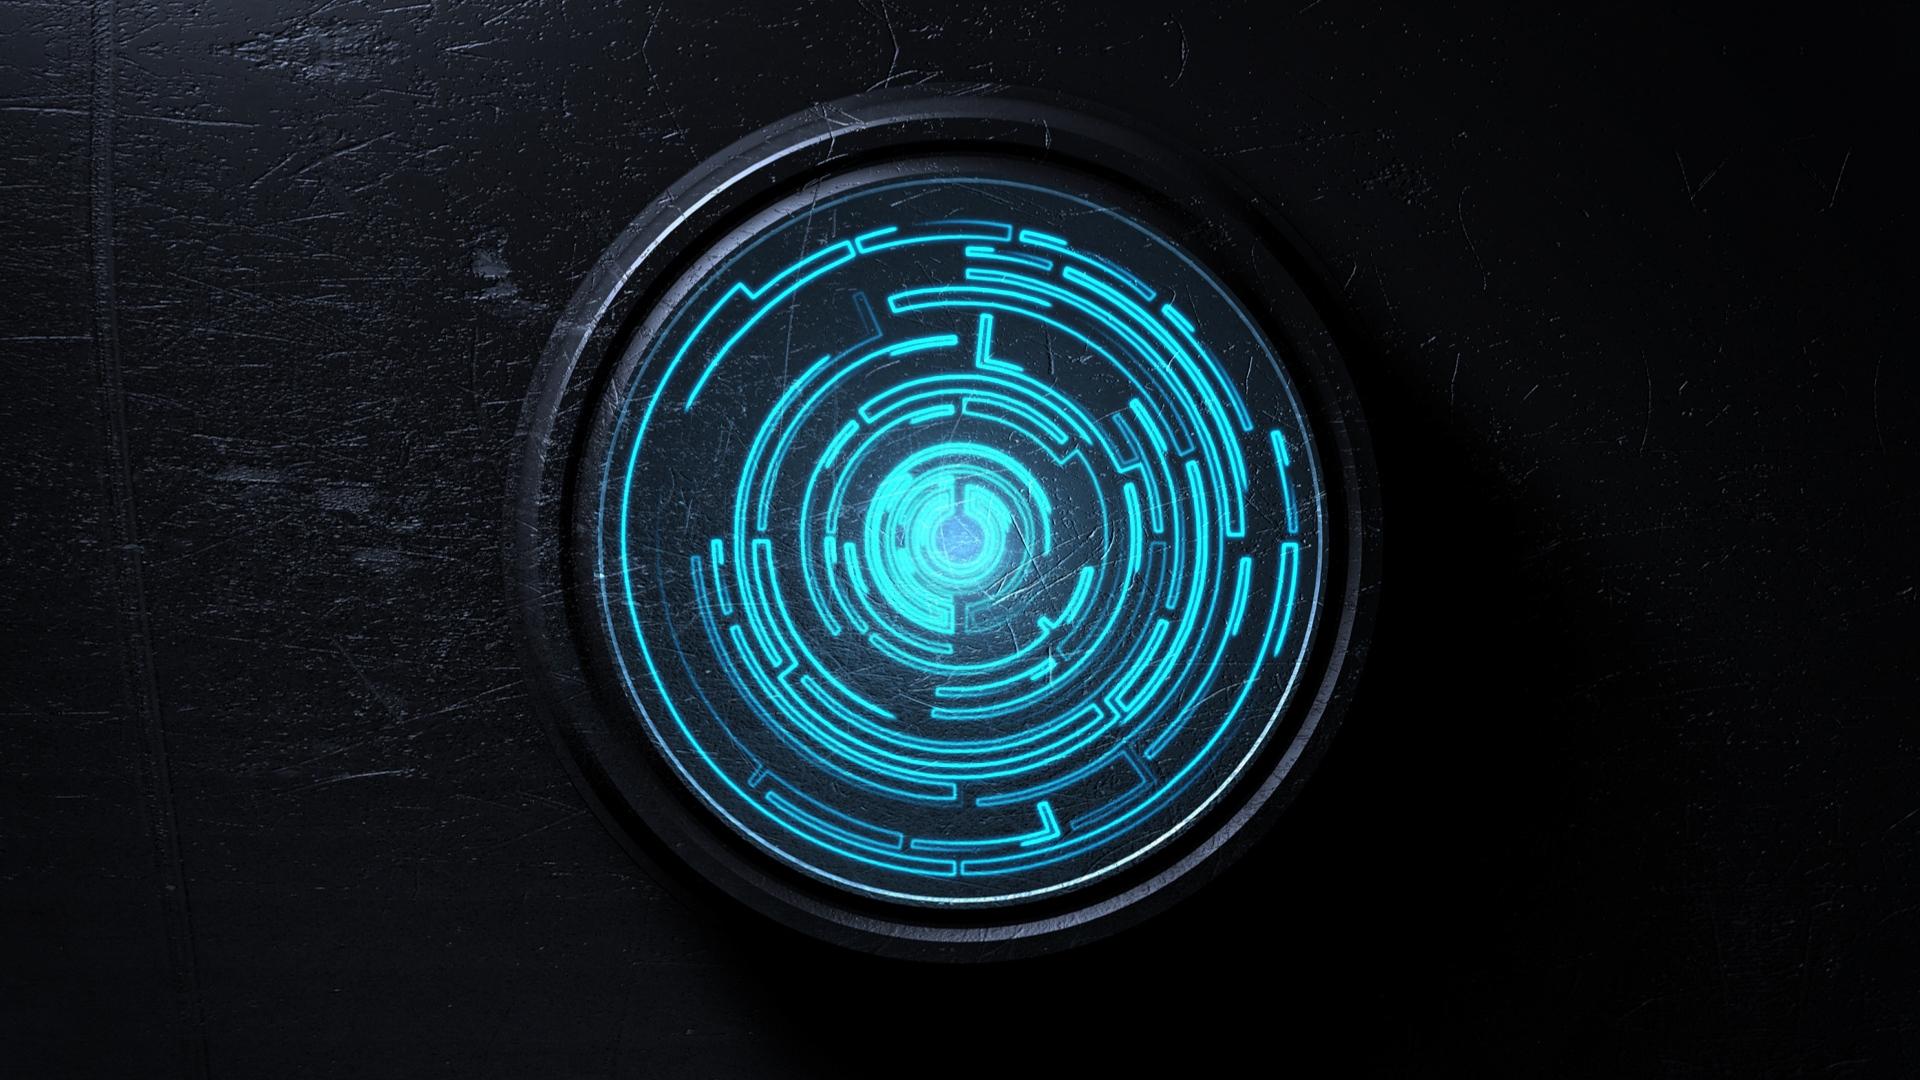 pendulum in silico sumbol logo